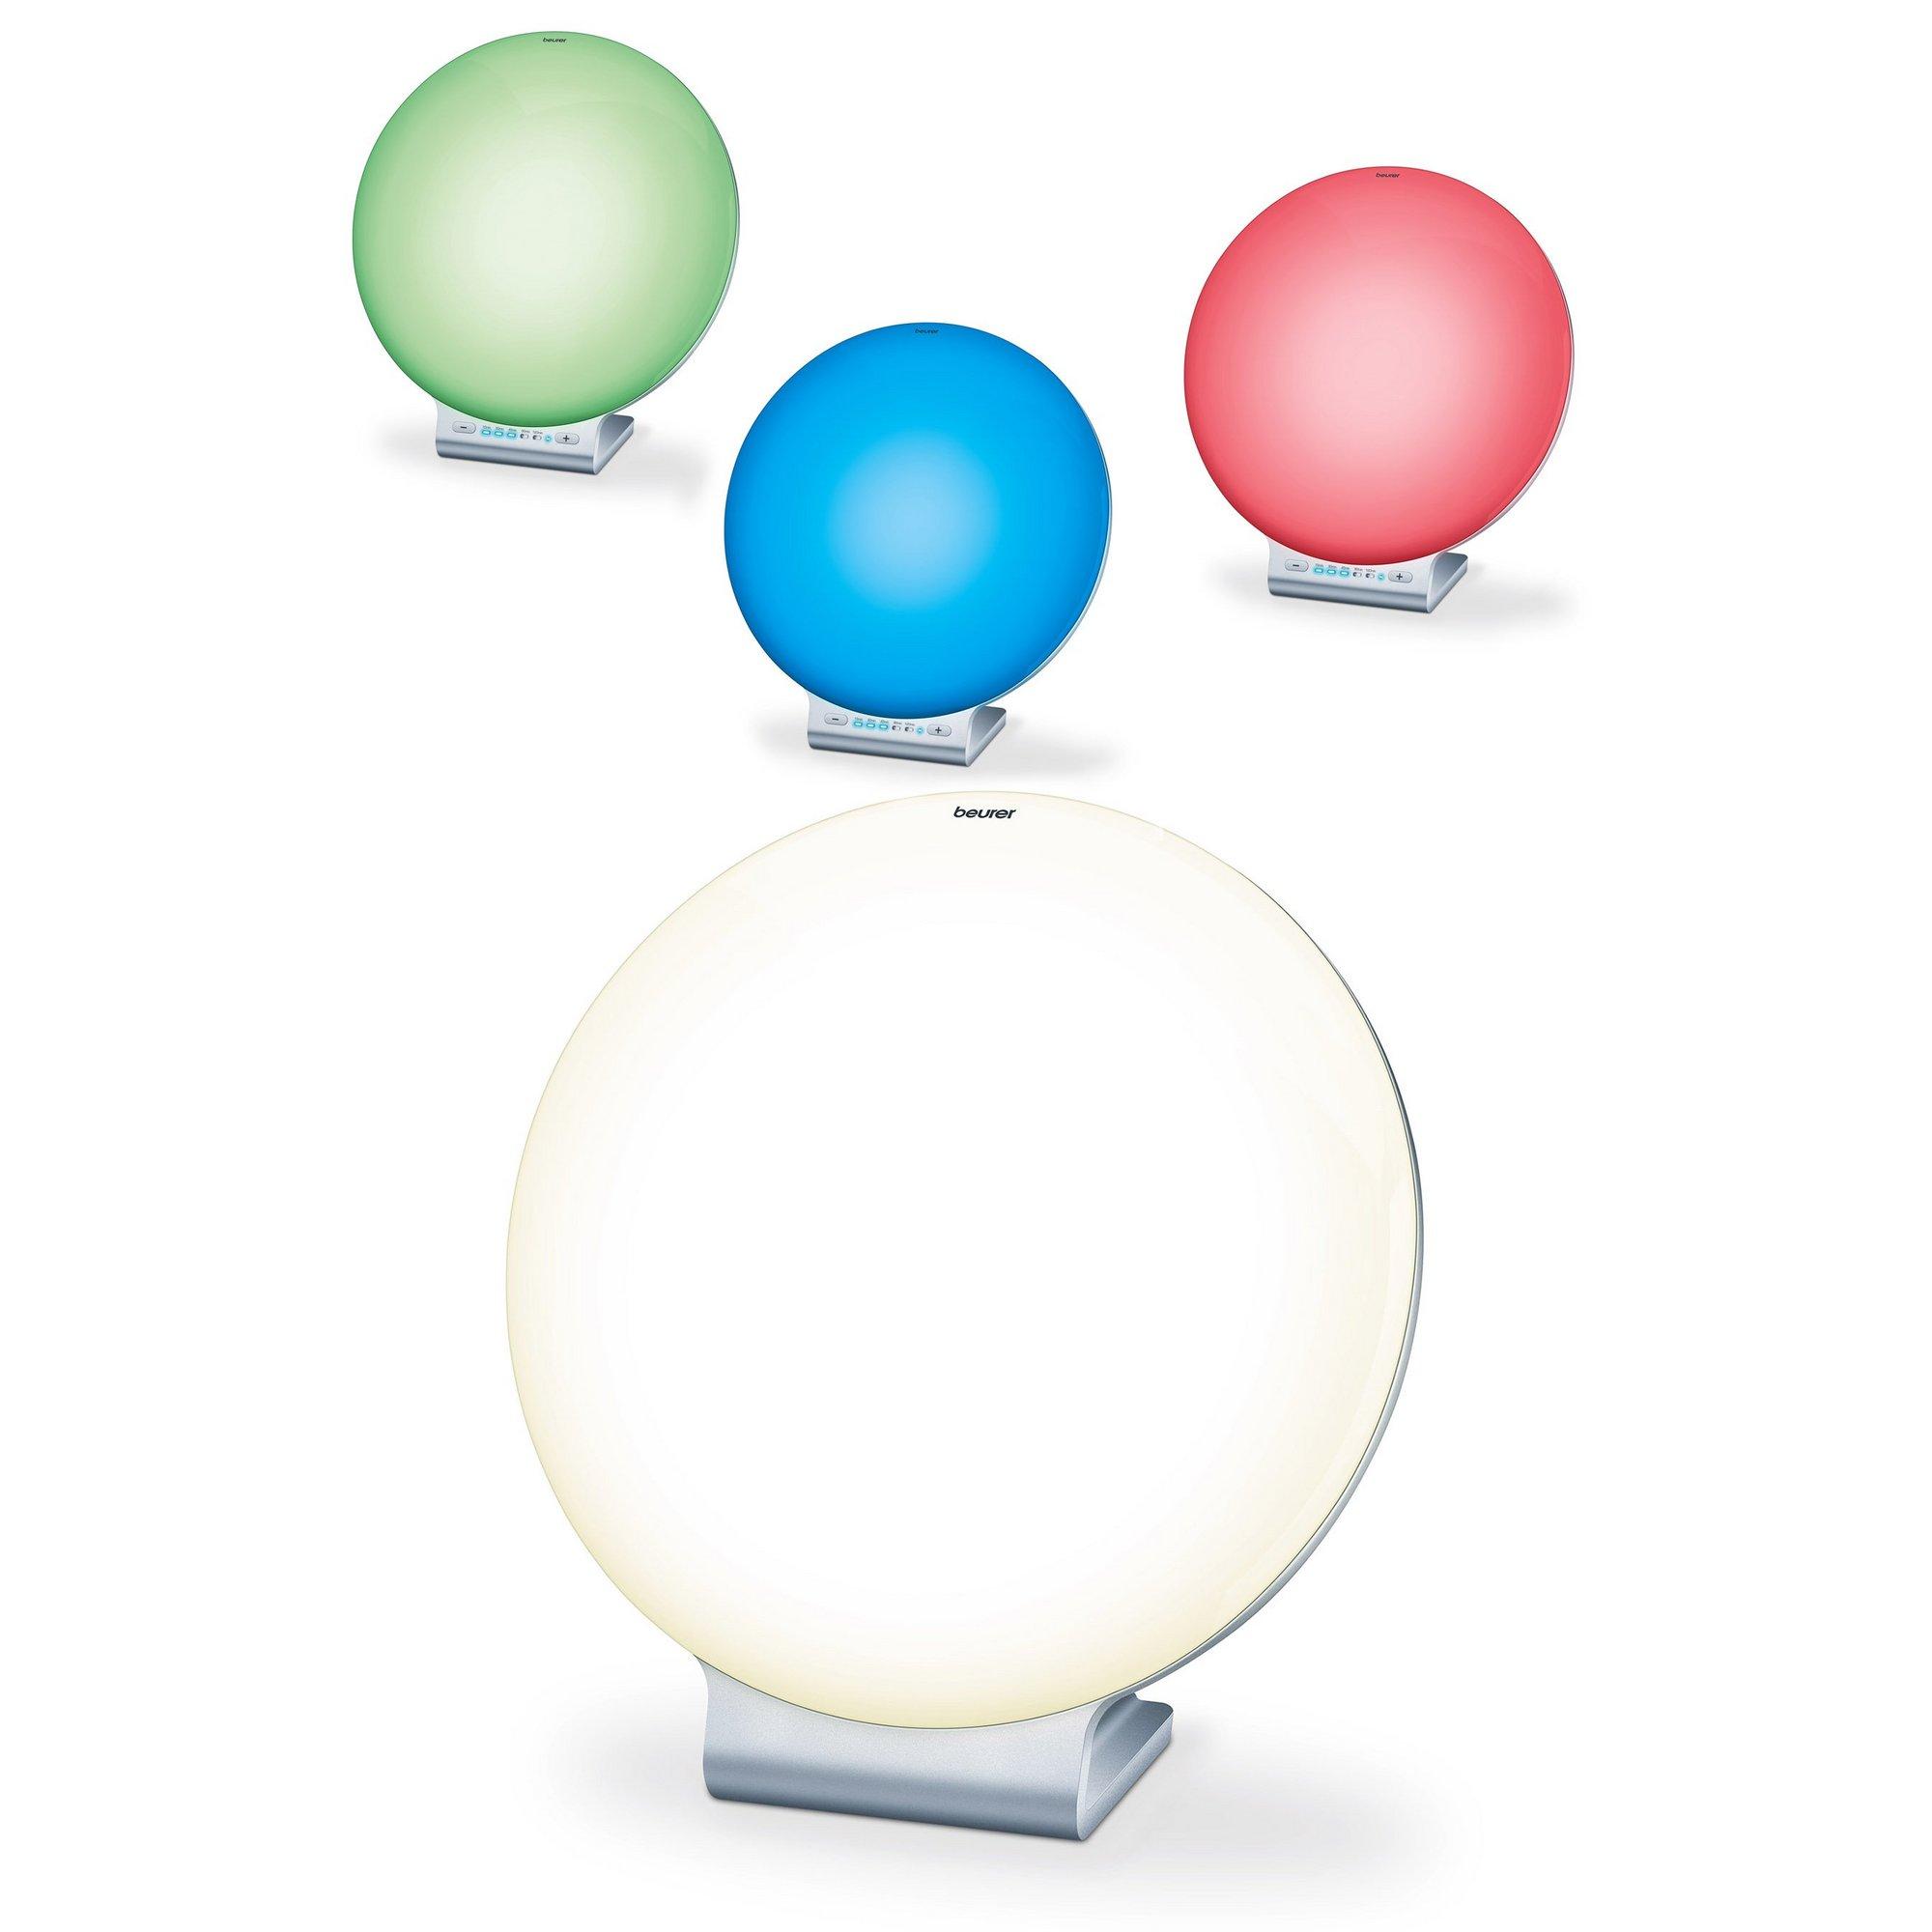 Image of Beurer TL100 SAD Lamp